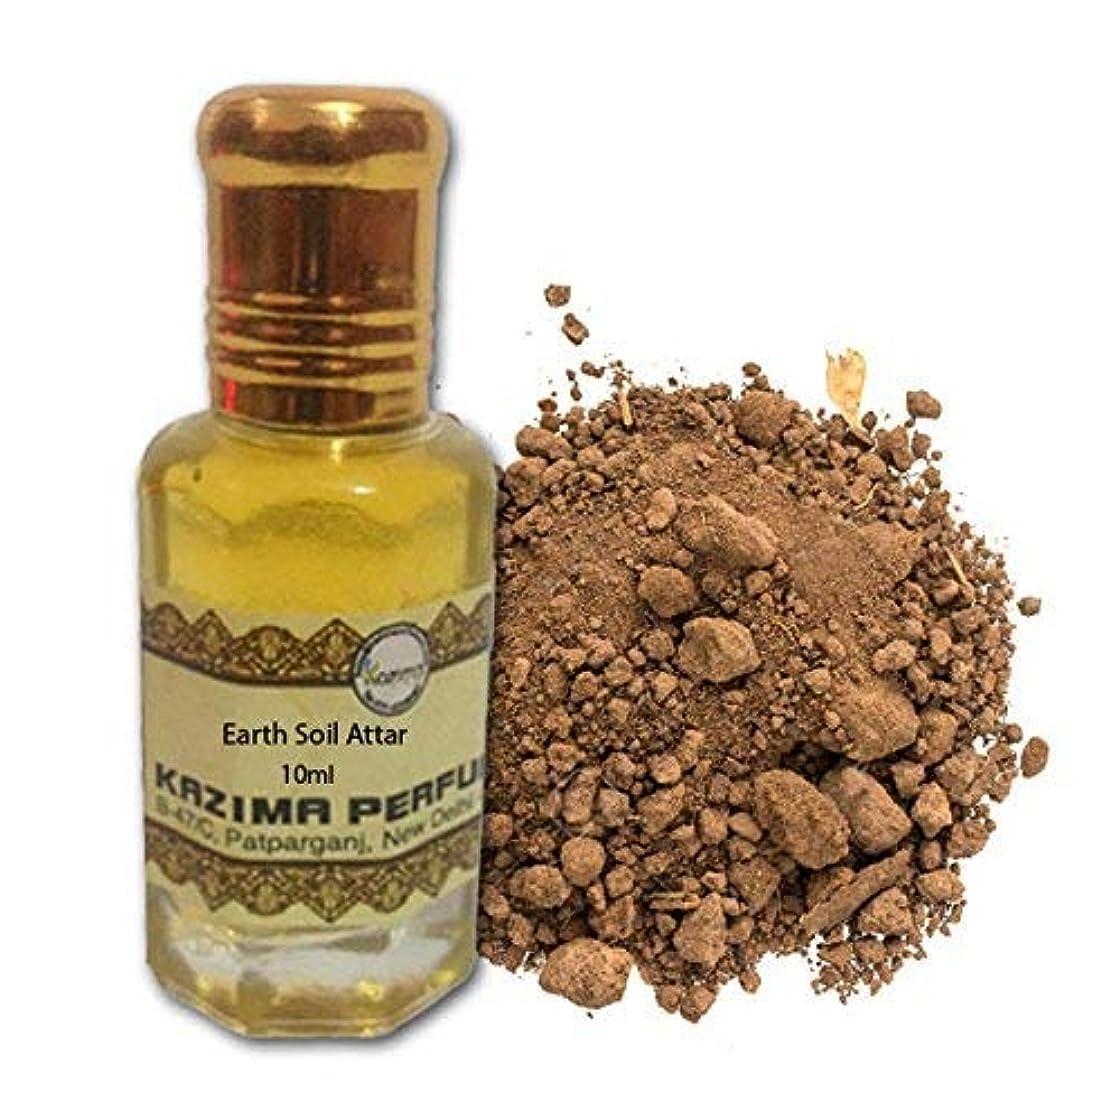 コンバーチブルギャップ田舎者地球の土壌アター香水 - ピュアナチュラル希釈していない(10ミリリットル)|アターITRA最高品質の香水はアターを持続長いスプレー